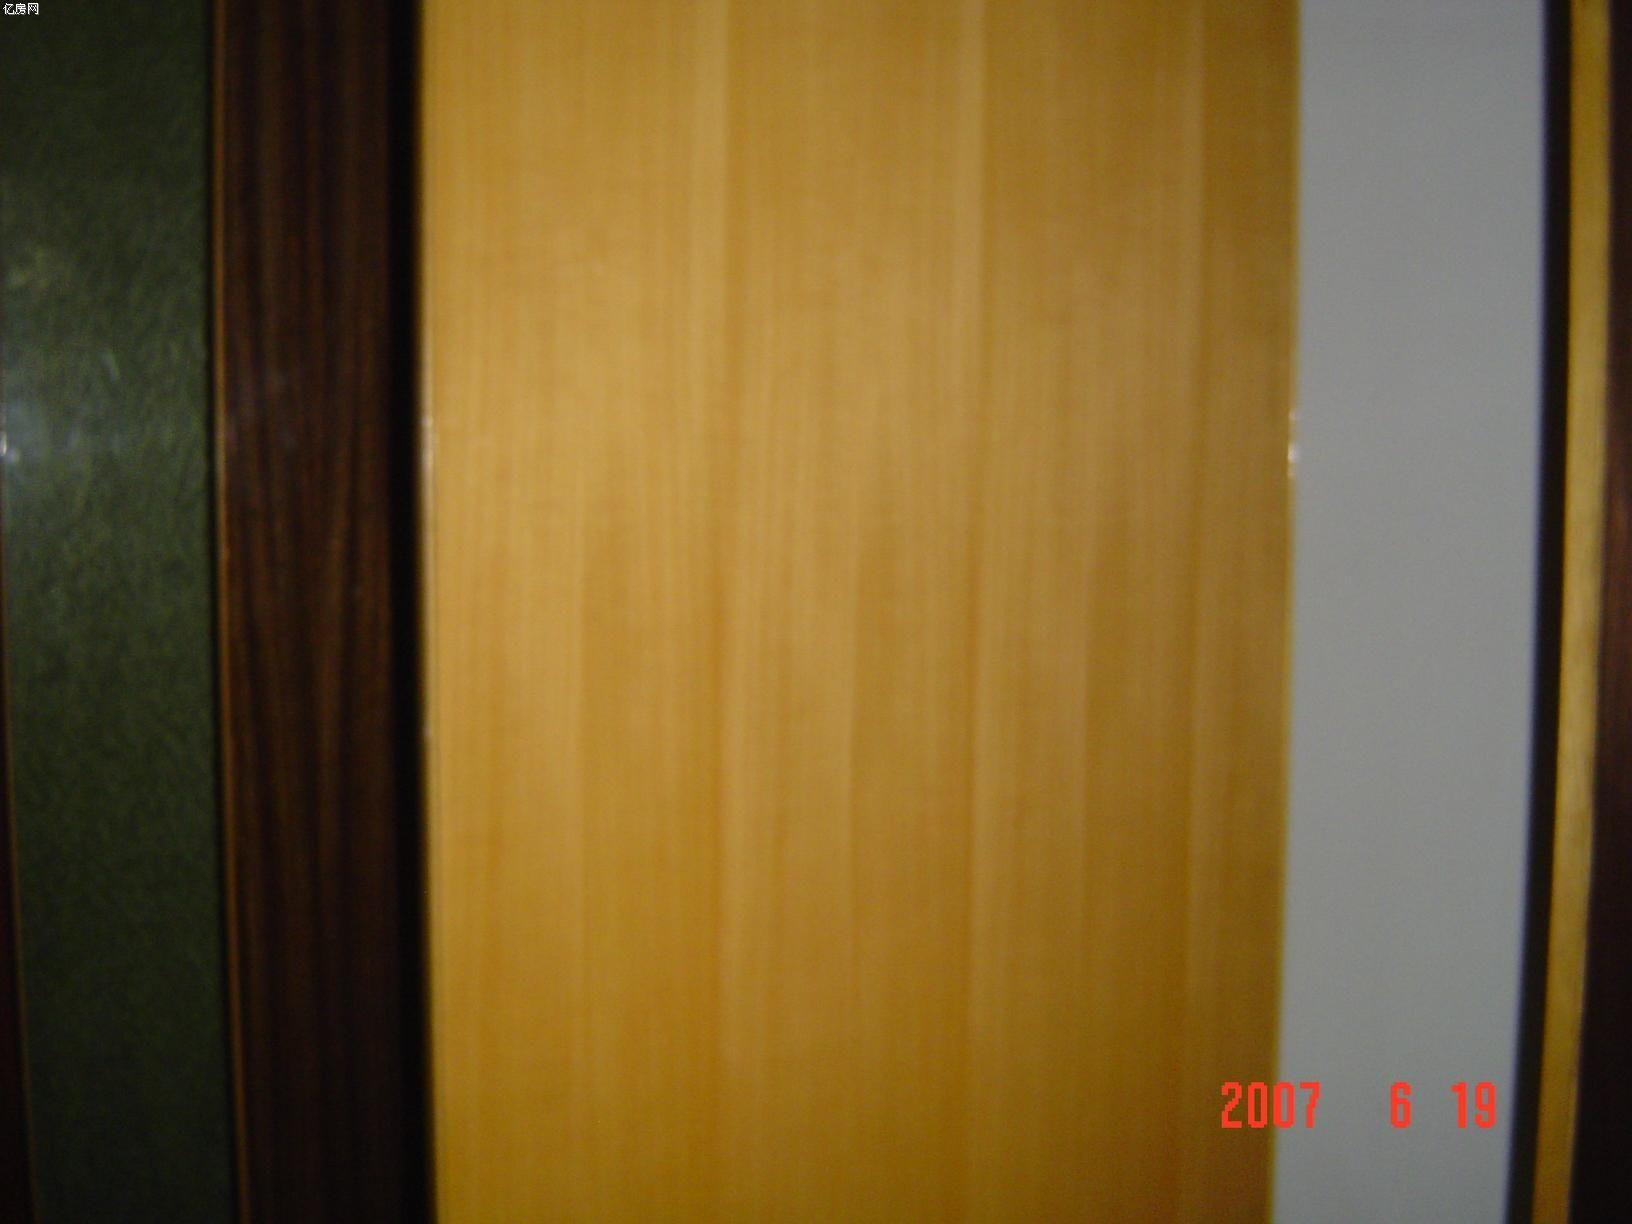 黑胡桃木饰面贴图; 胡桃木饰面板贴图;